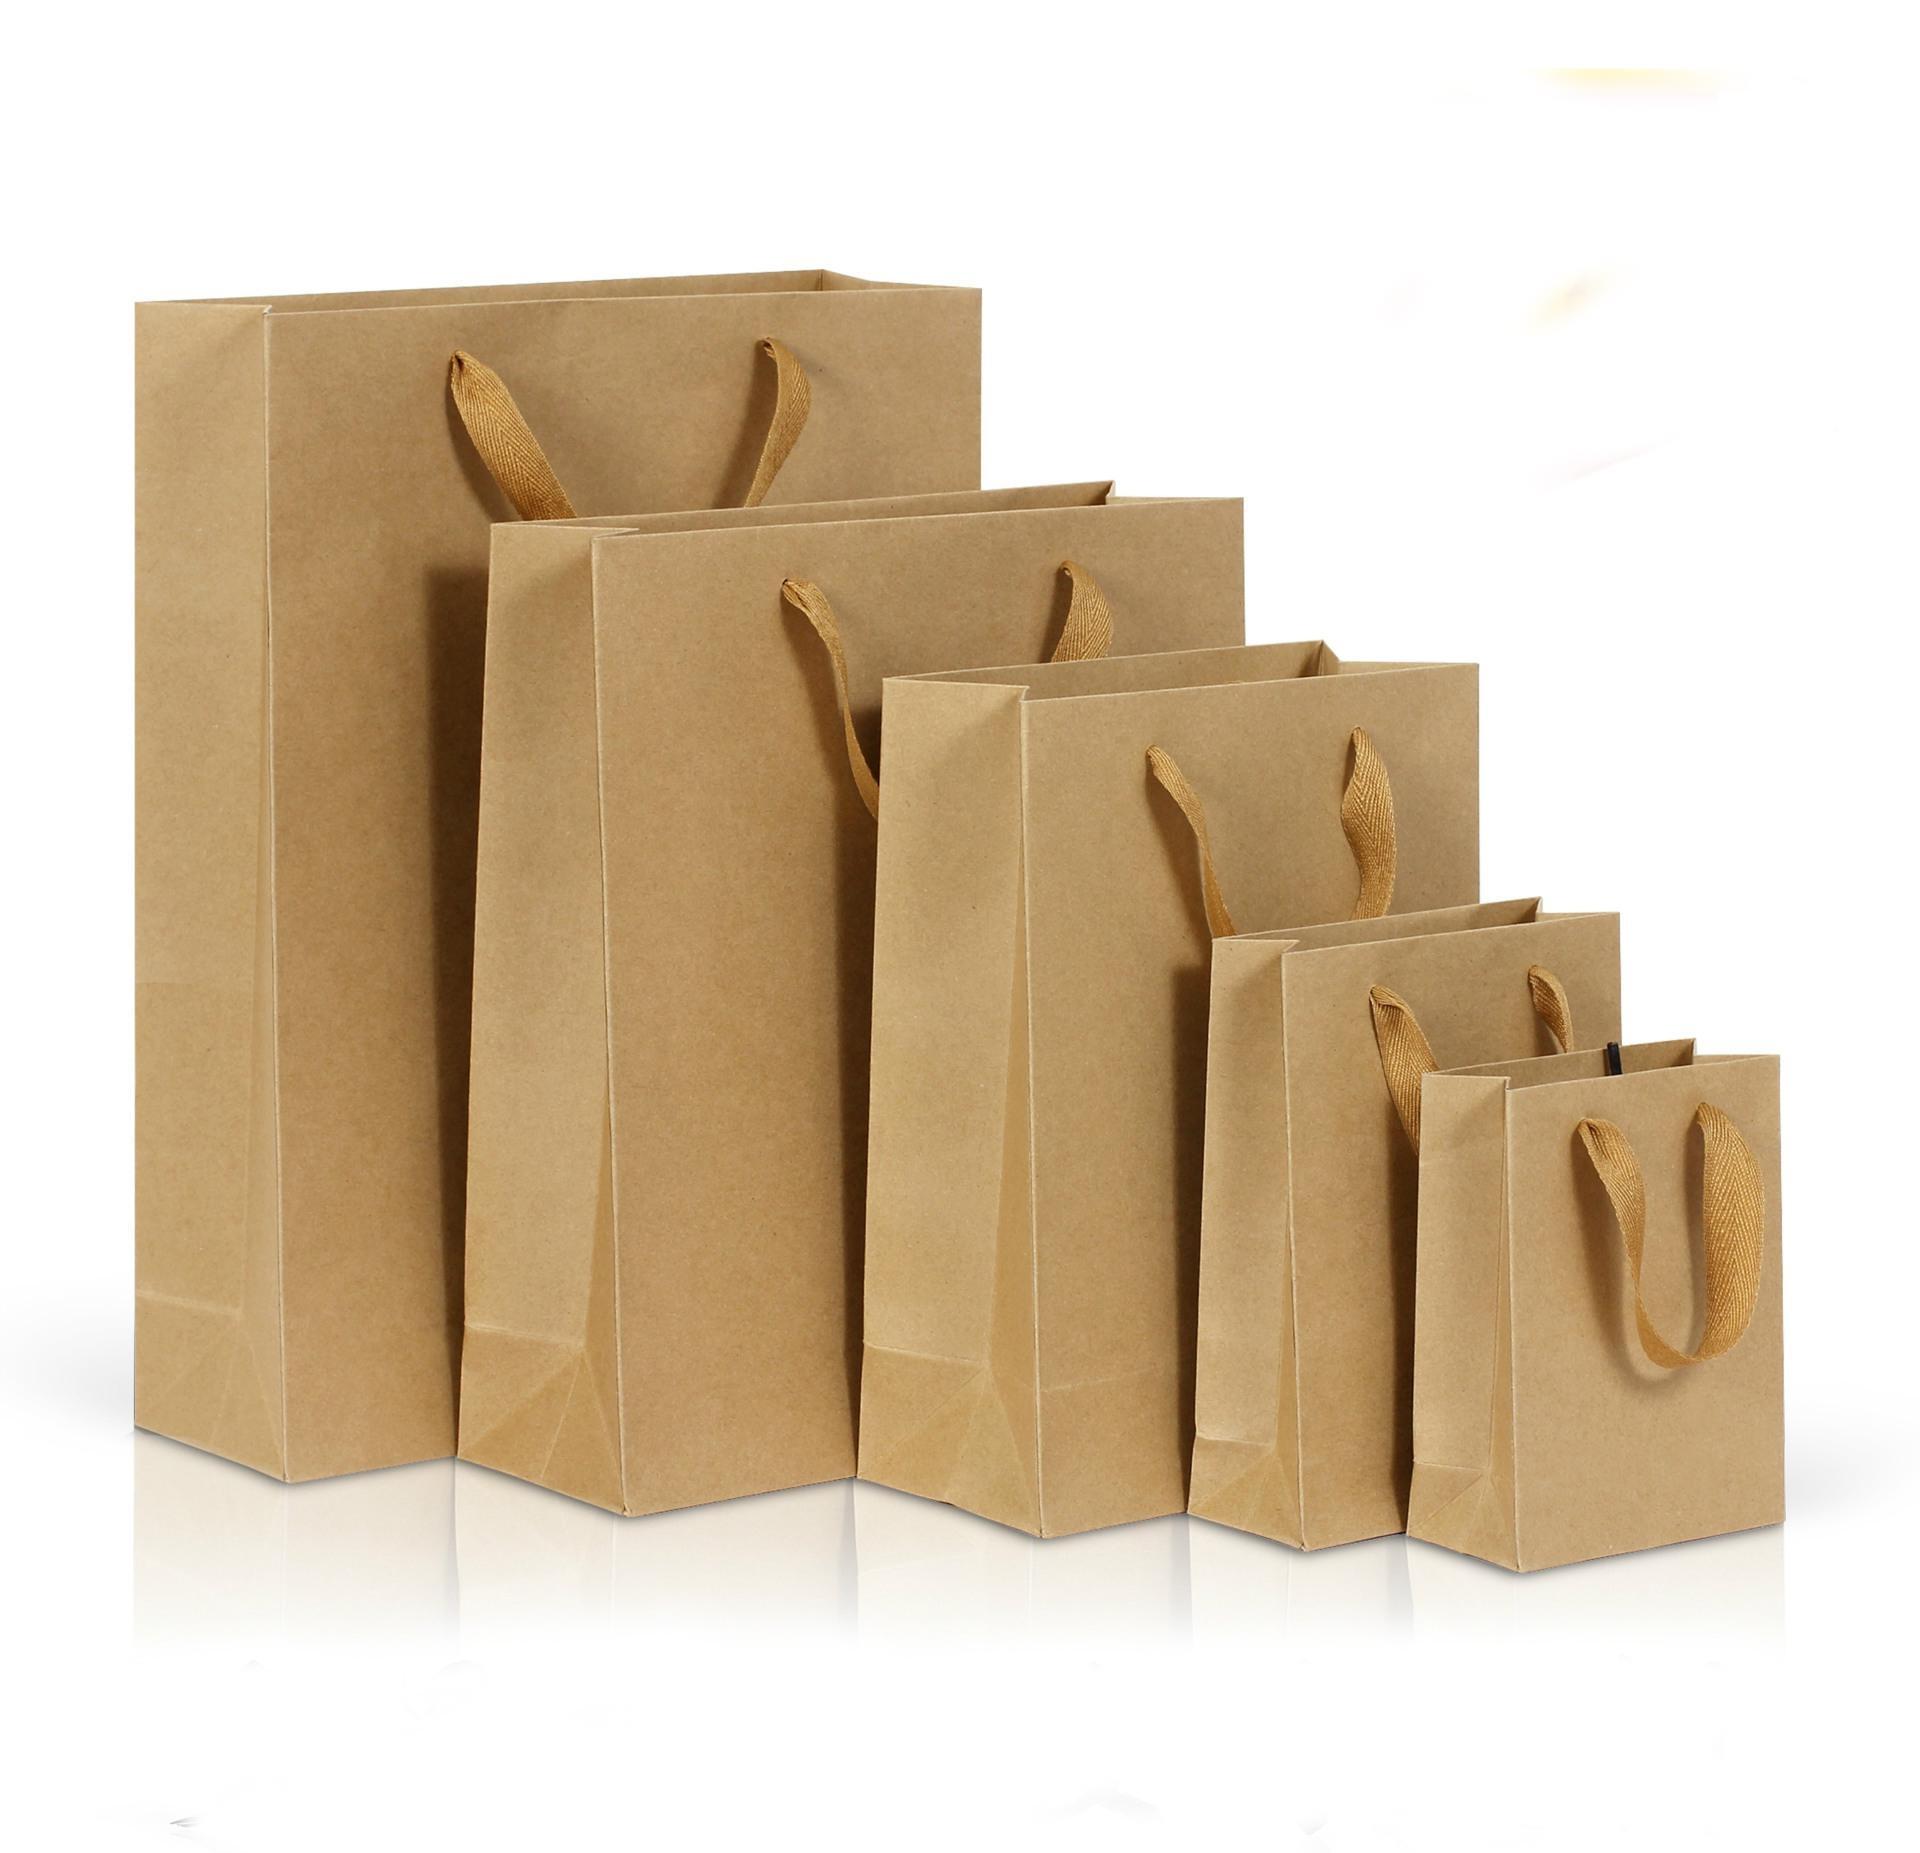 Kertas karton untuk pembuatan paper bag - Ini 5 Kegunaan Kertas Karton dalam Industri Percetakan